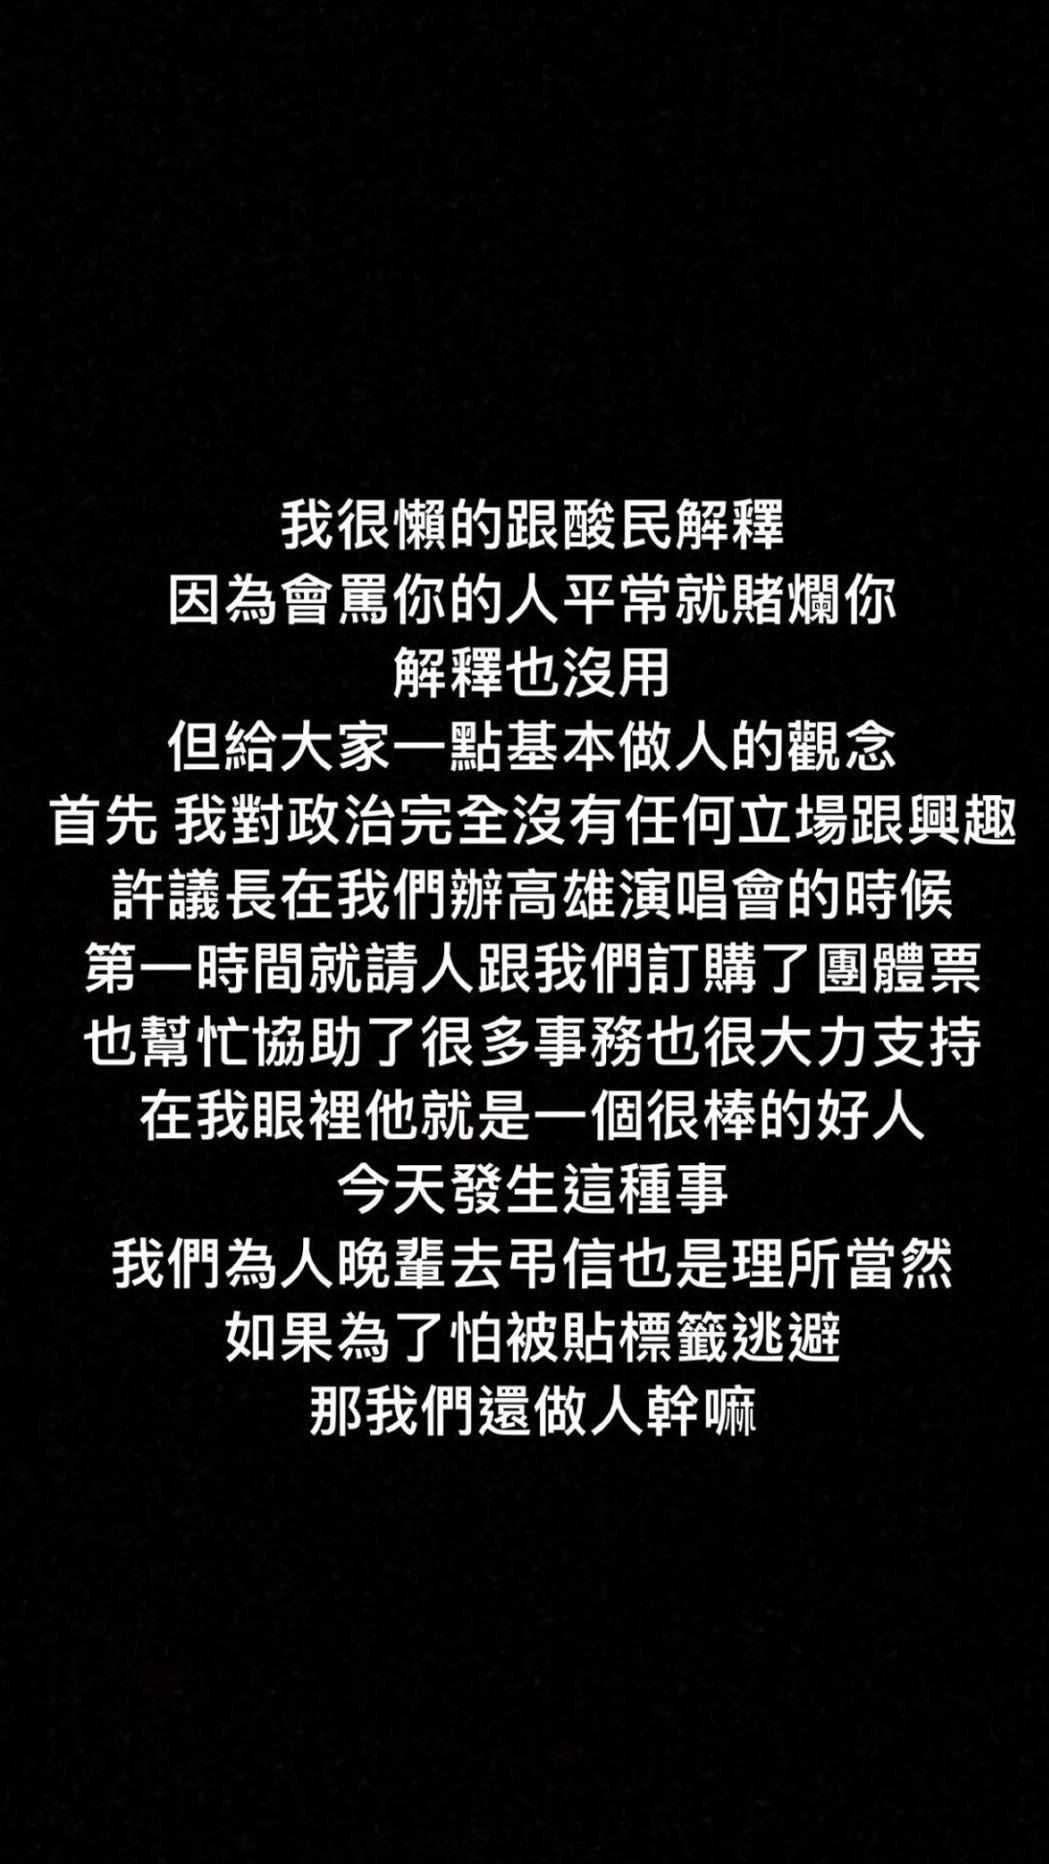 春風回應與高雄市議會議長許崑源的關係。 圖/擷自IG